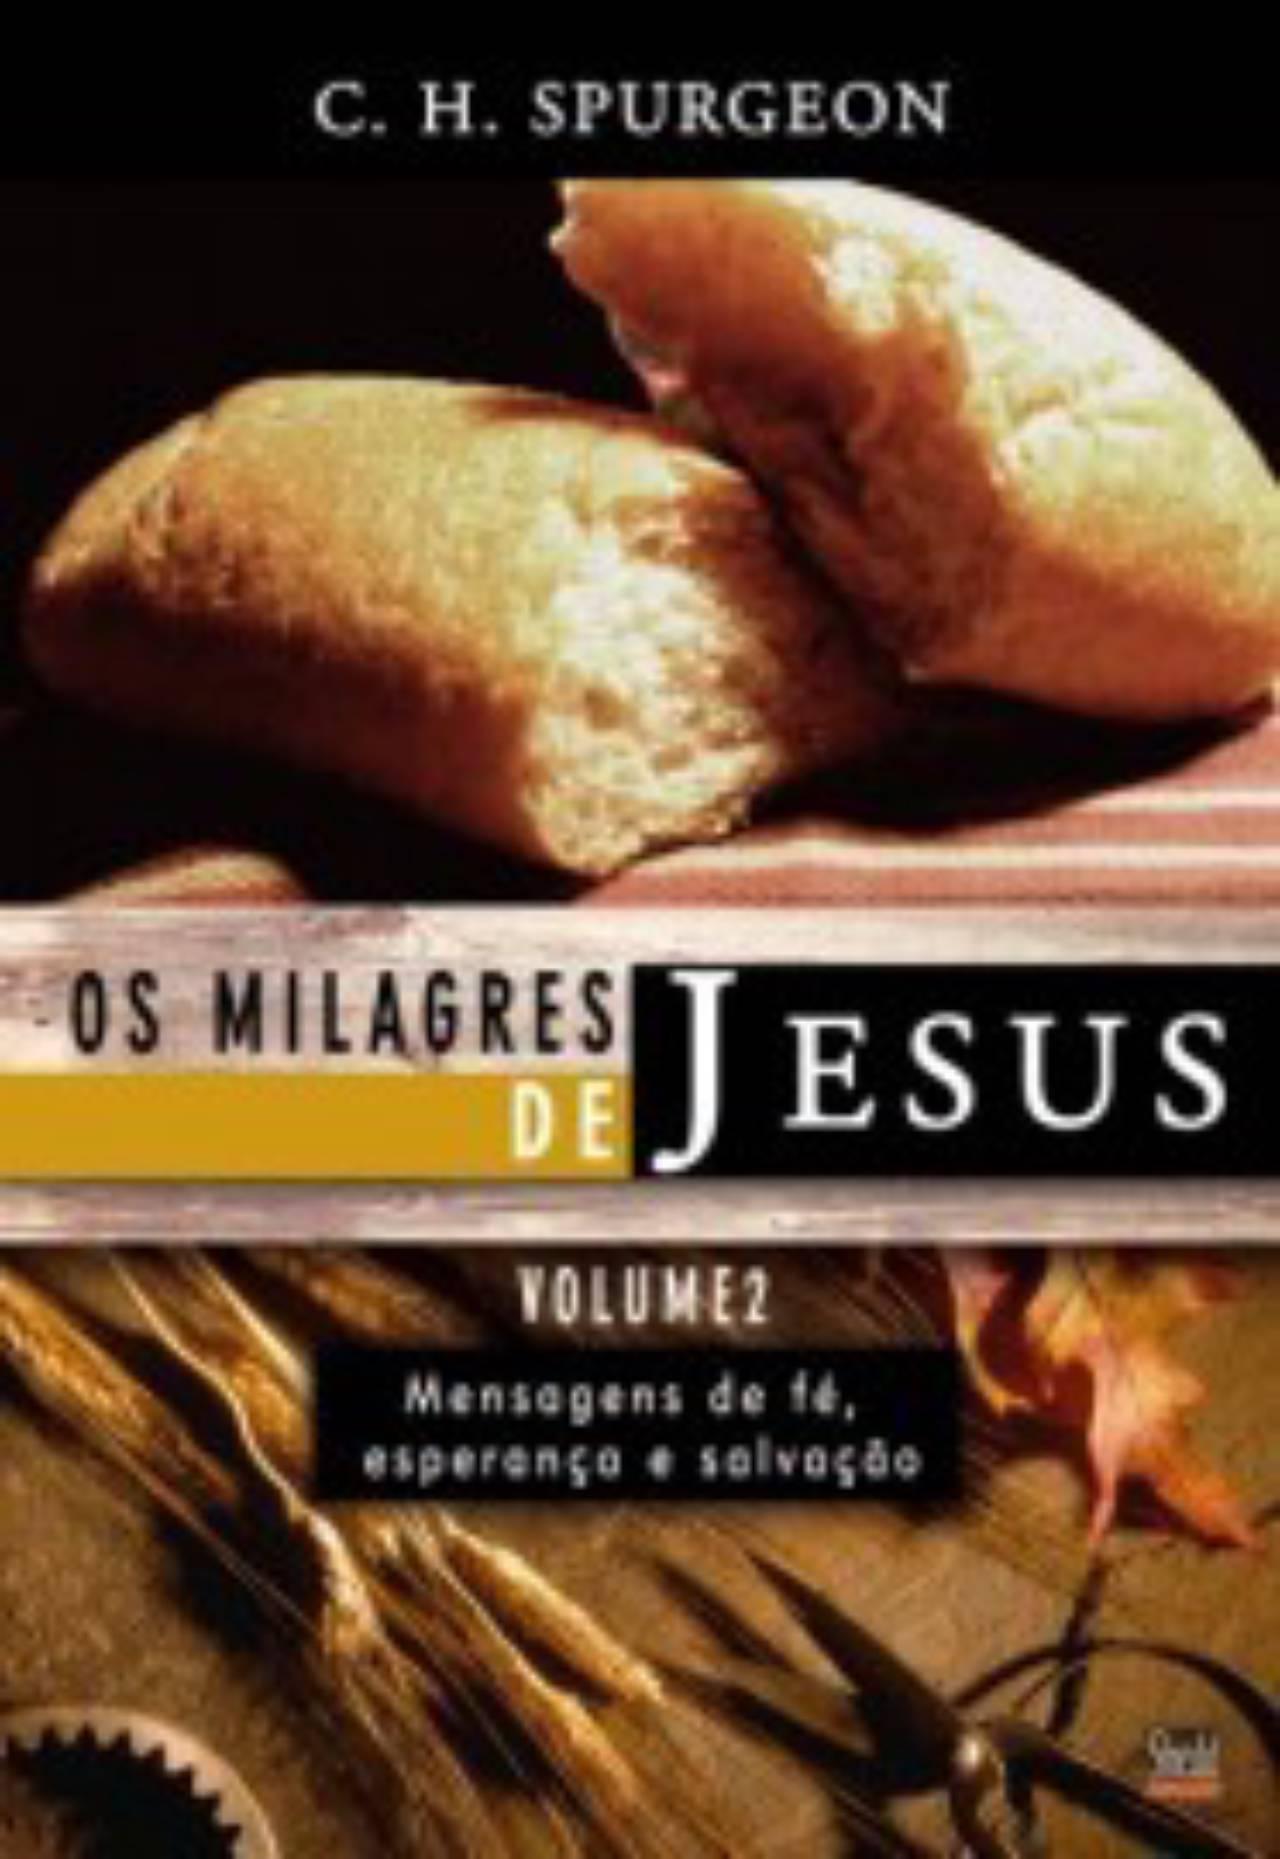 Milagres de Jesus, Os - vol. 2 - Spurgeon em Jundiaí, SP por Kemuel - livraria cristã